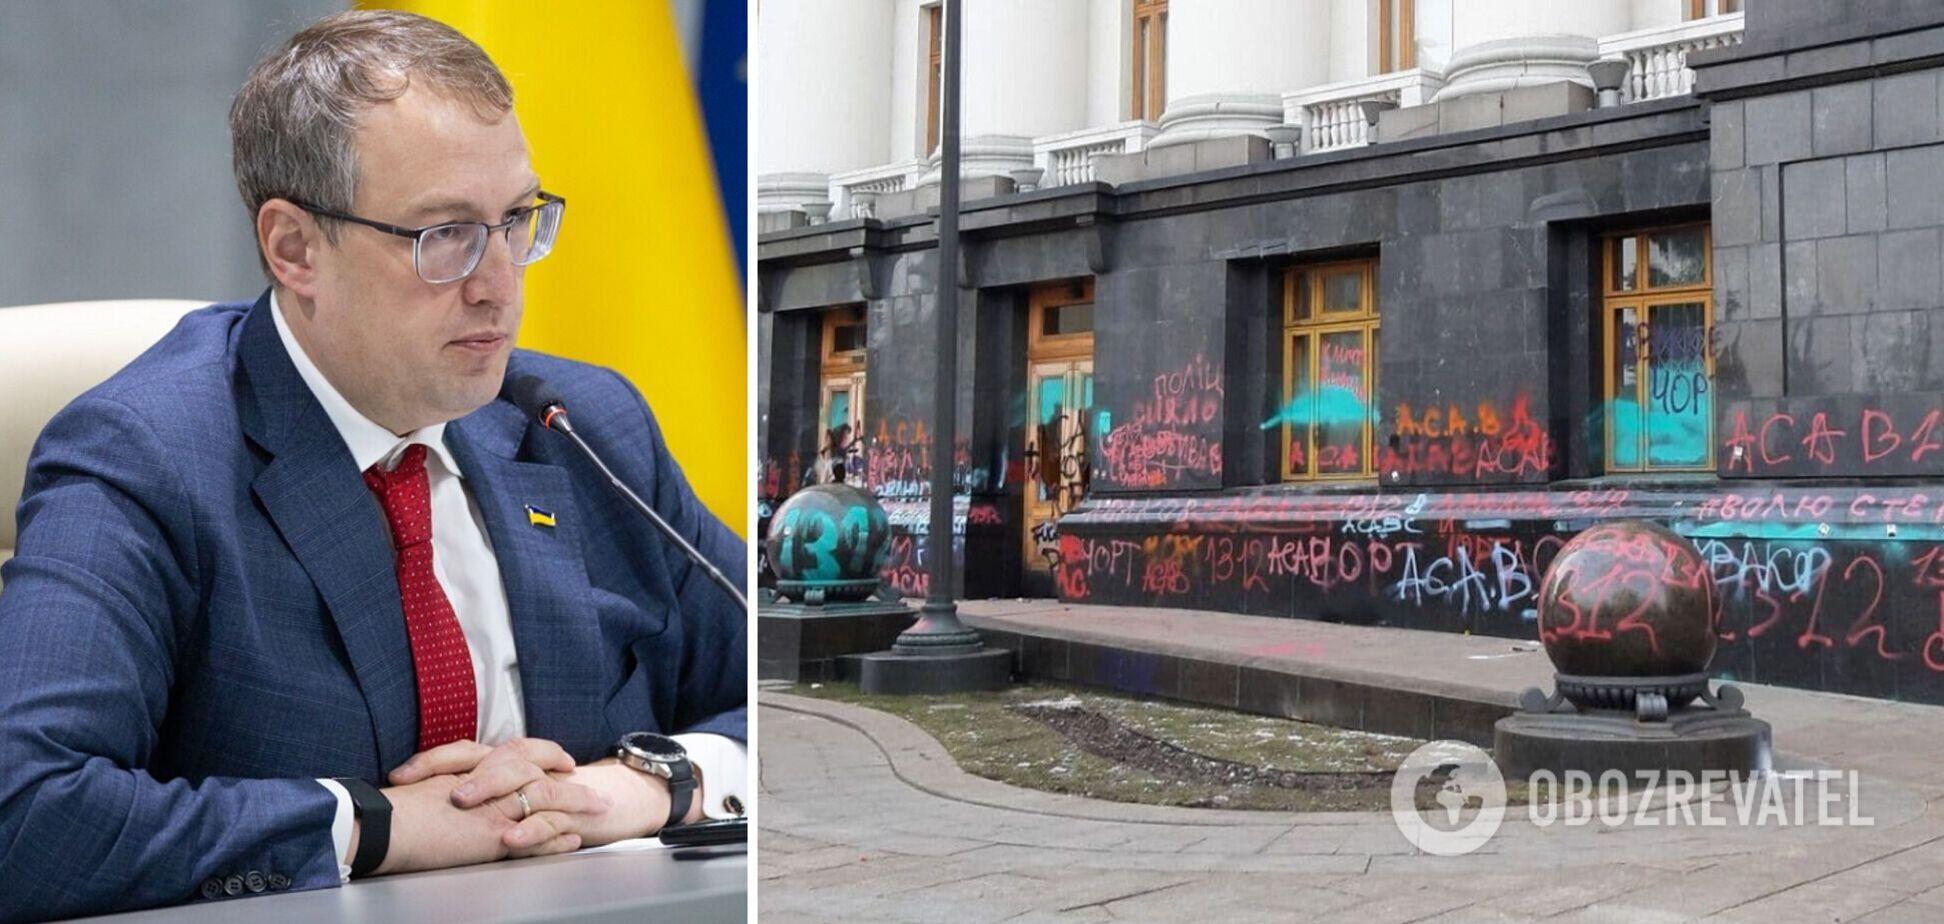 Геращенко: перед организаторами погромов на Банковой стояла задача – 'больше крови и ада'